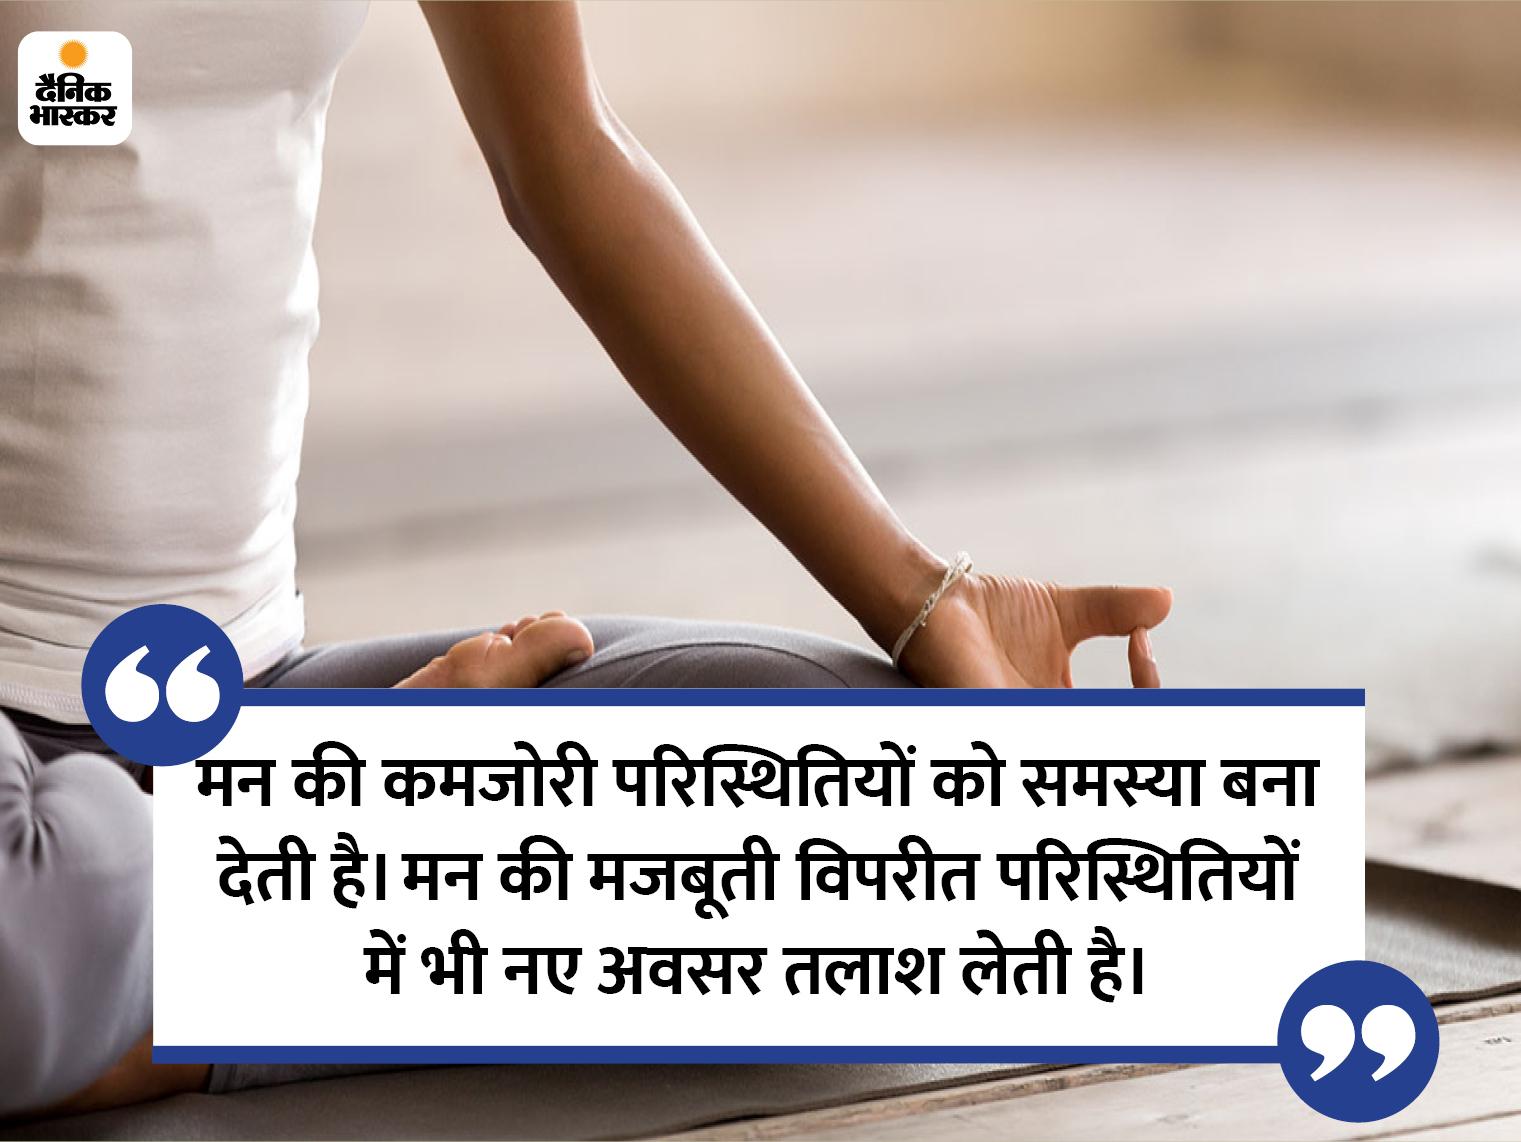 समय जीवन का महत्व बताता है, जीवन बताता है कि समय सबसे मूल्यवान है|धर्म,Dharm - Dainik Bhaskar